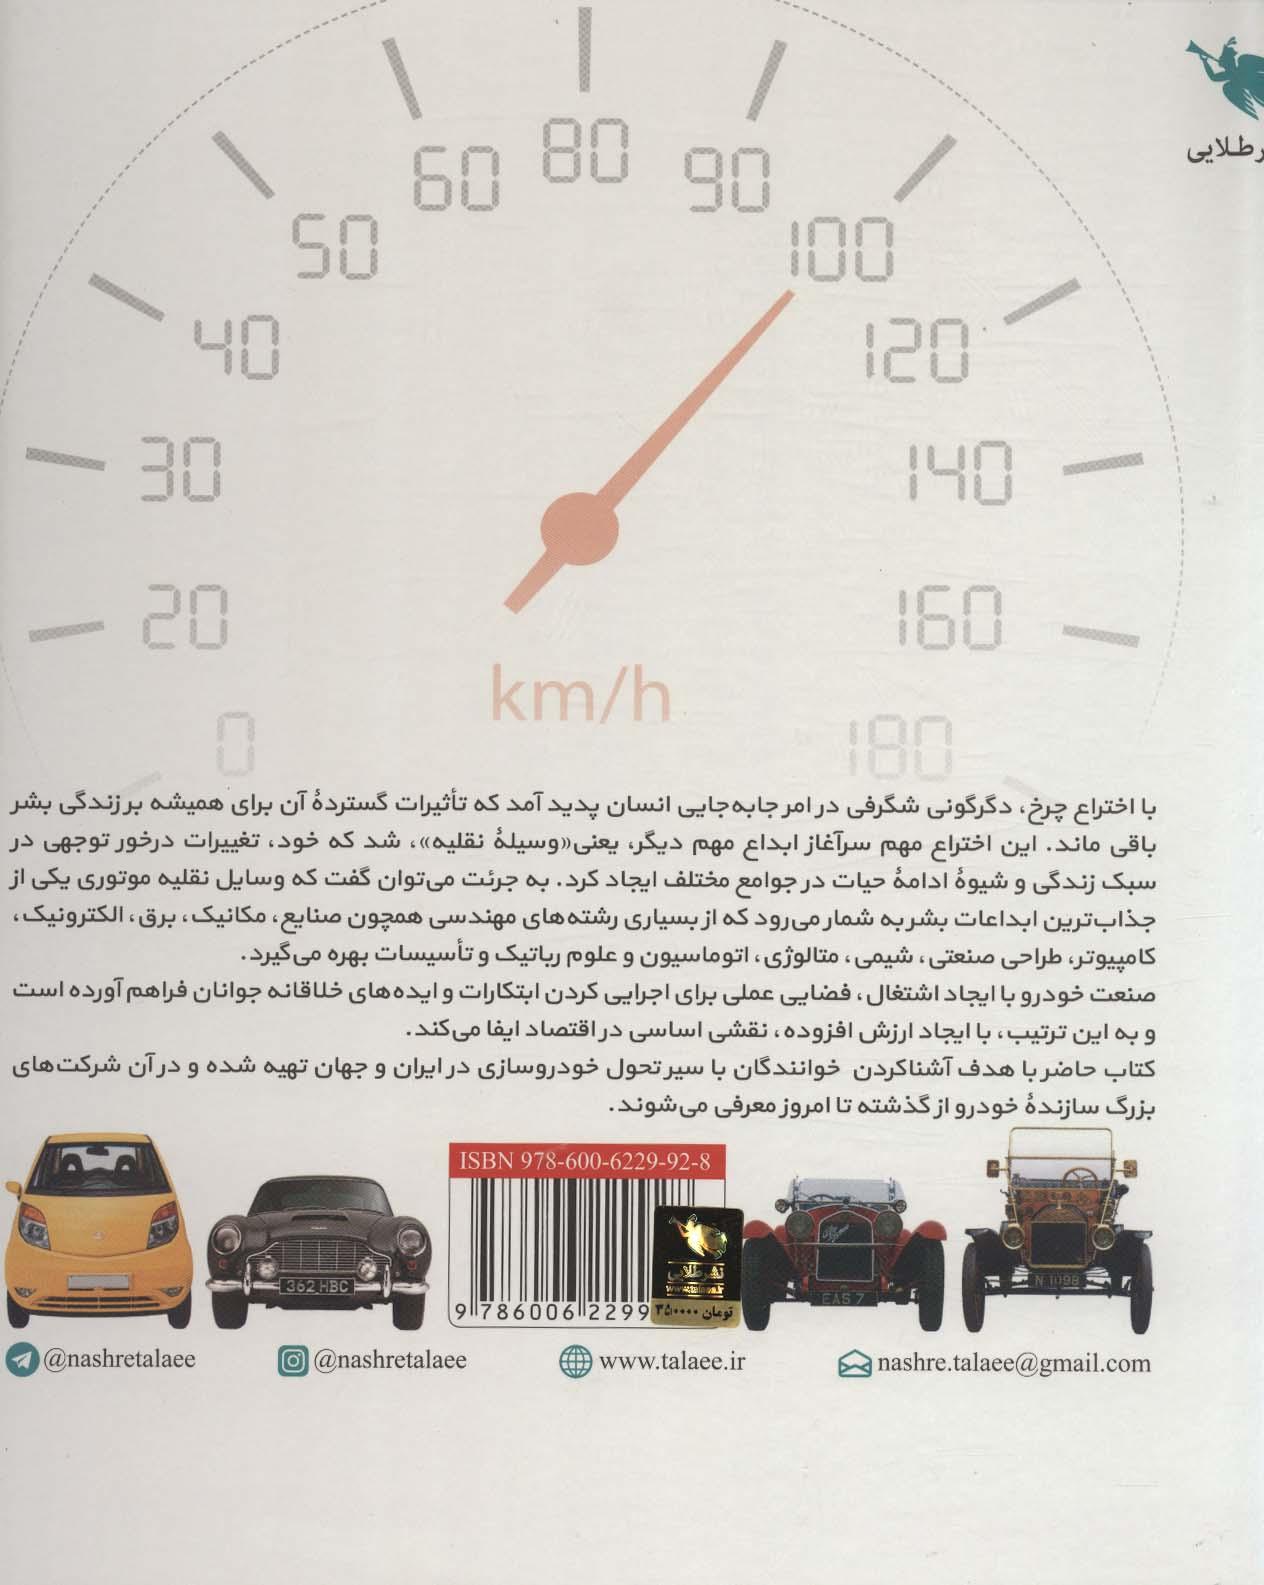 فرهنگ نامه خودروسازی از صفر تا 100 در ایران و جهان (گلاسه)